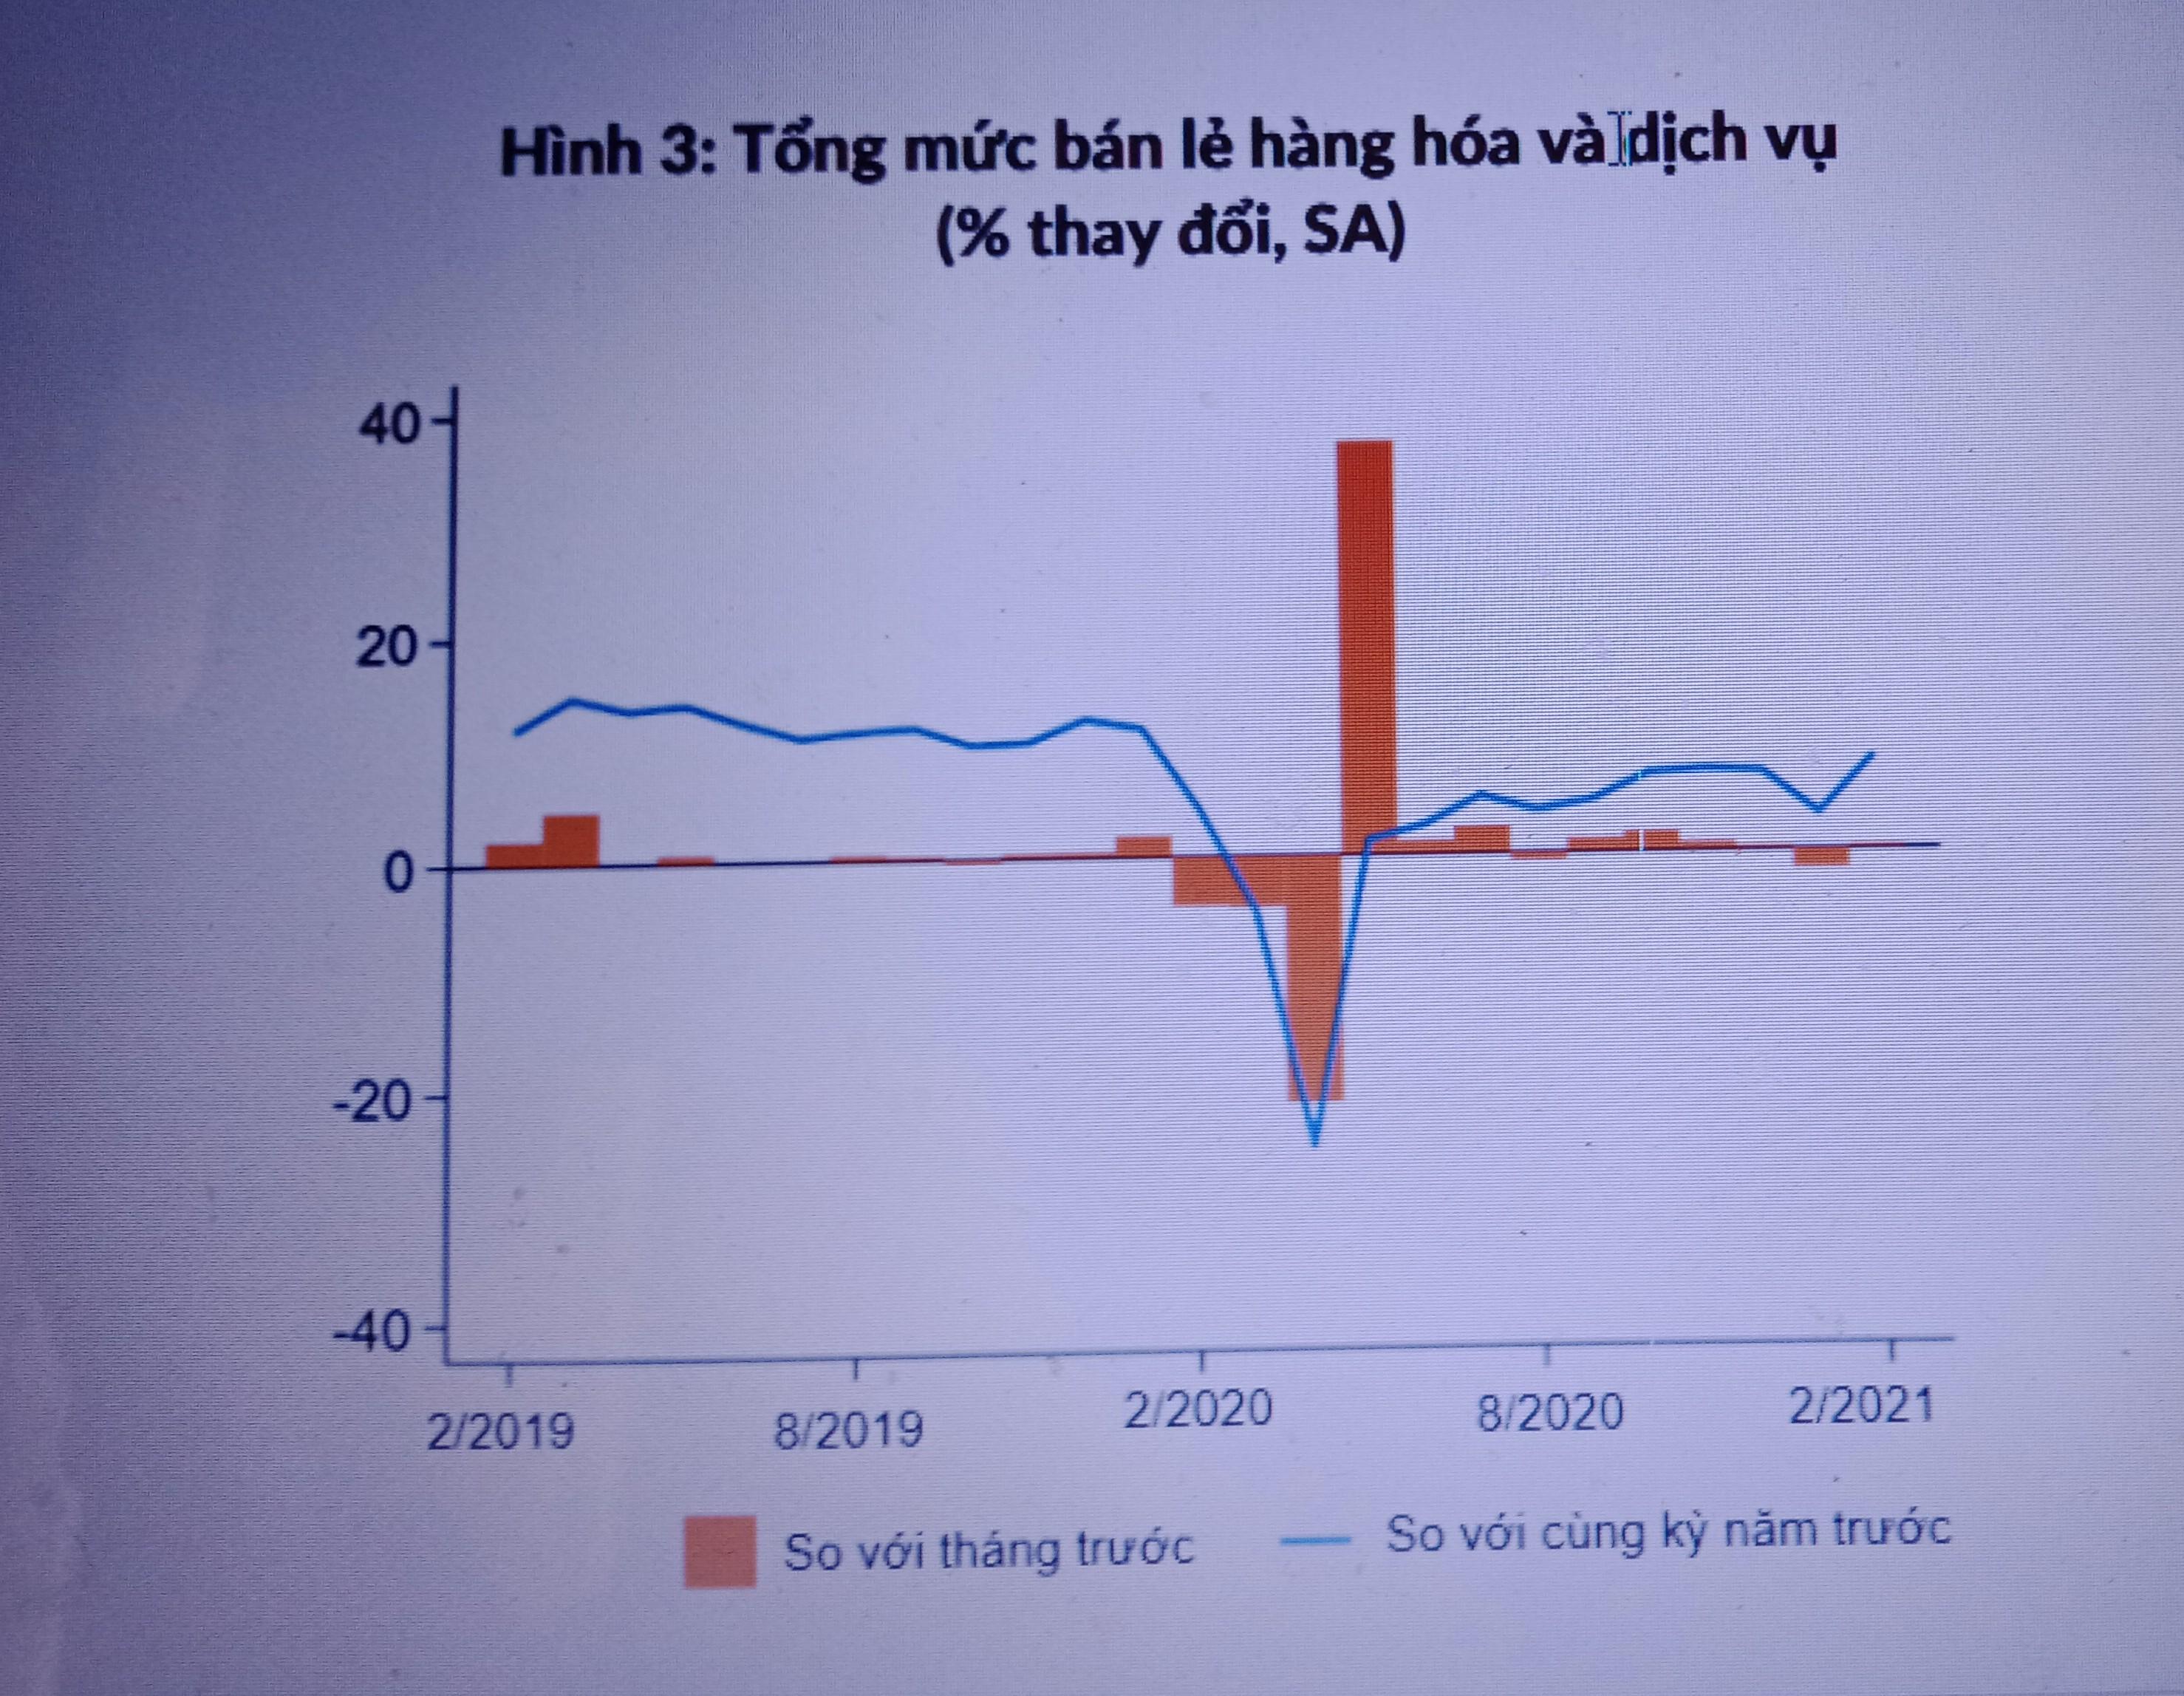 Bất chấp Covid-19, nền kinh tế Việt Nam vẫn có tín hiệu phục hồi